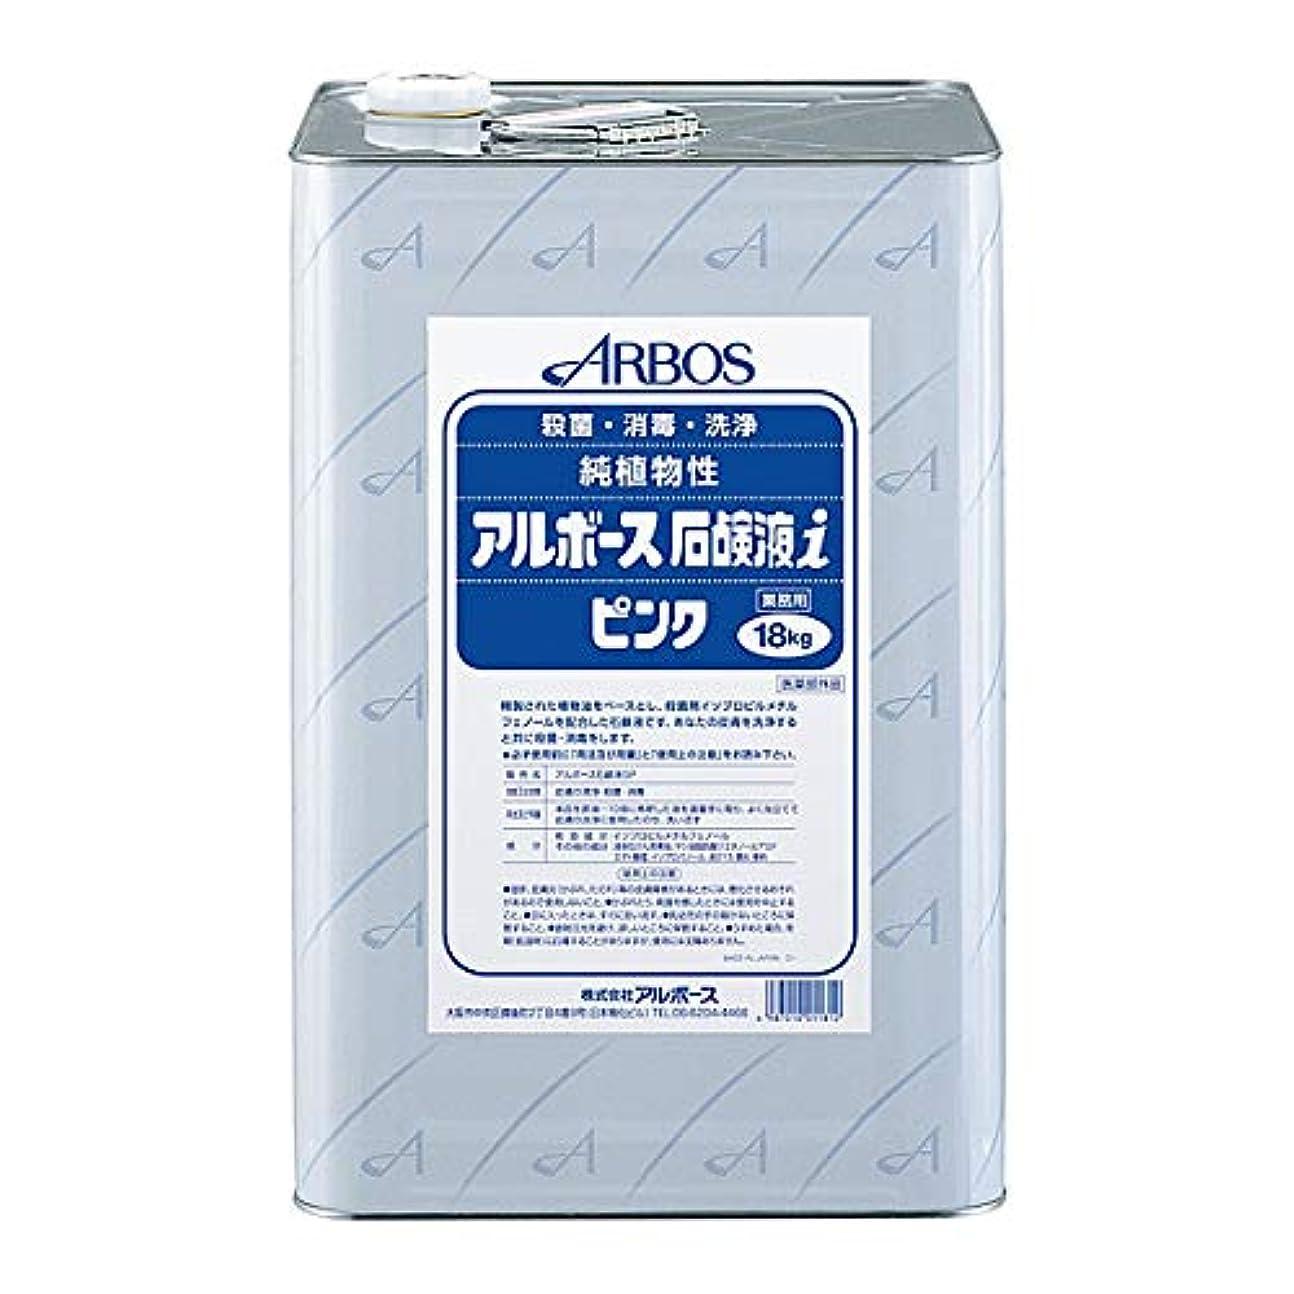 成長巨大な追い払う【清潔キレイ館】アルボース石鹸液i ピンク(18L)+つめブラシ1個 オマケ付